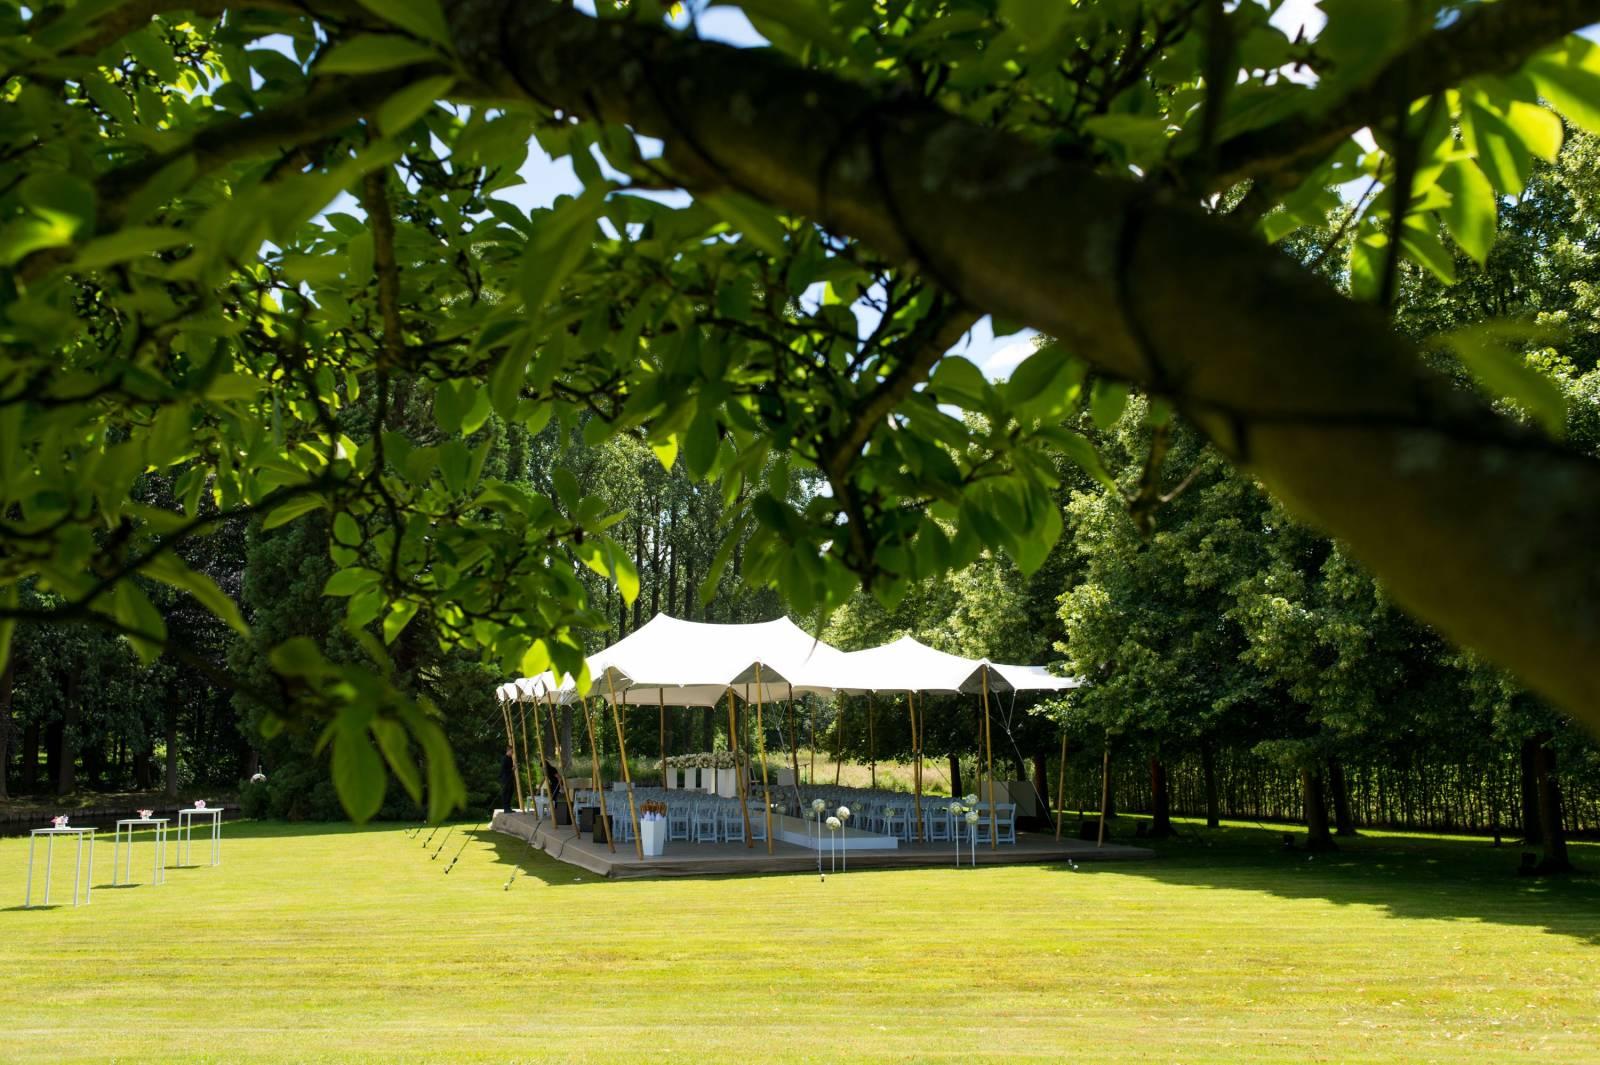 Altiro Tenten - Wedding Tent - Feesttent - Huwelijk trouw bruiloft - House of Weddings - 29